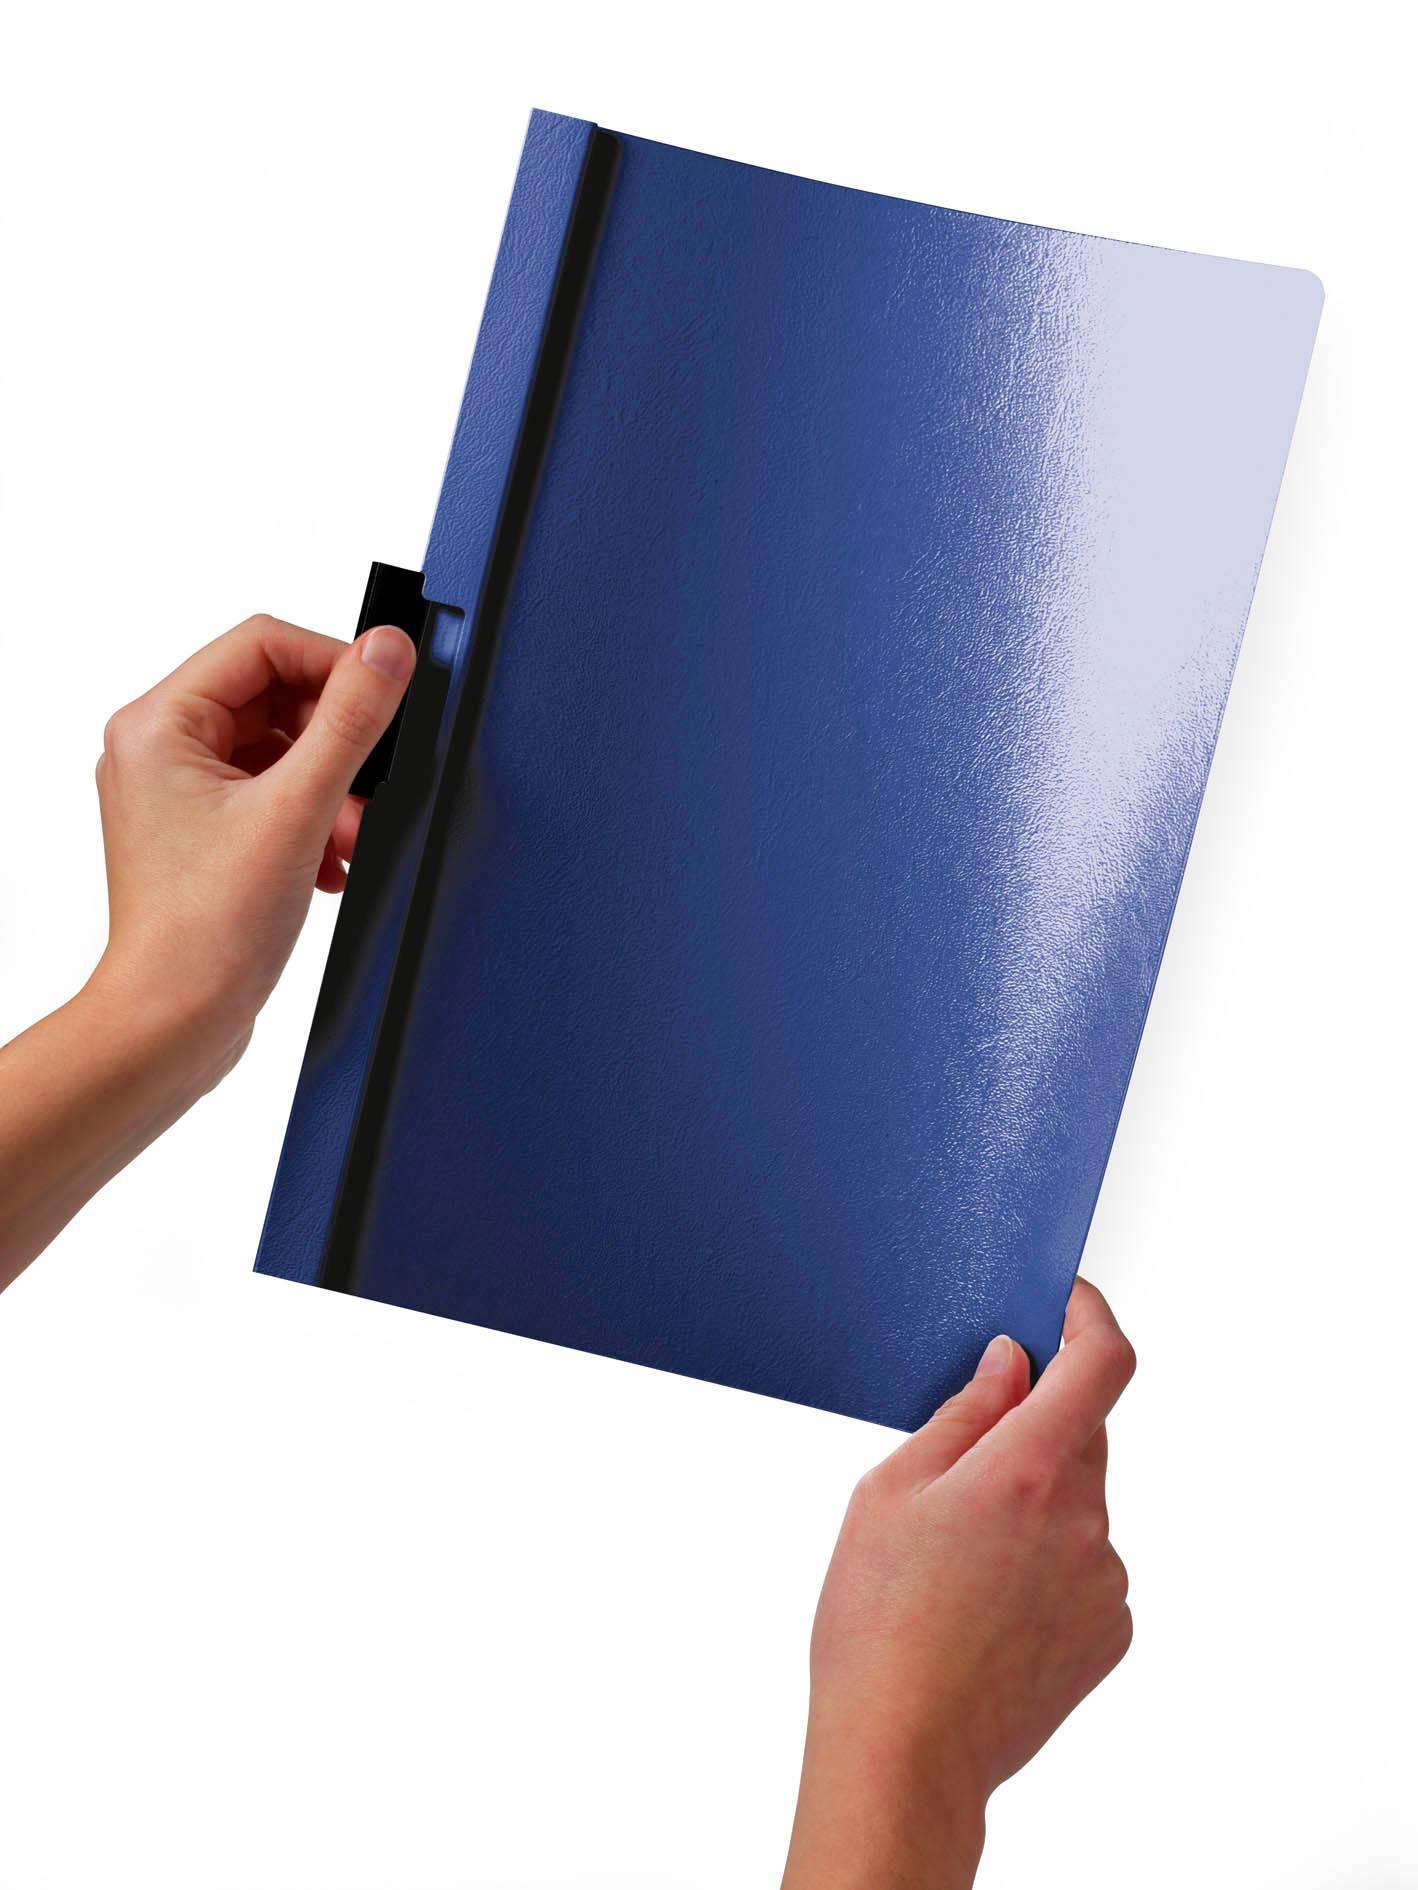 Папка-клип Durable Duraclip с верхним прозрачным листом 1-60 листов серая - фото 1